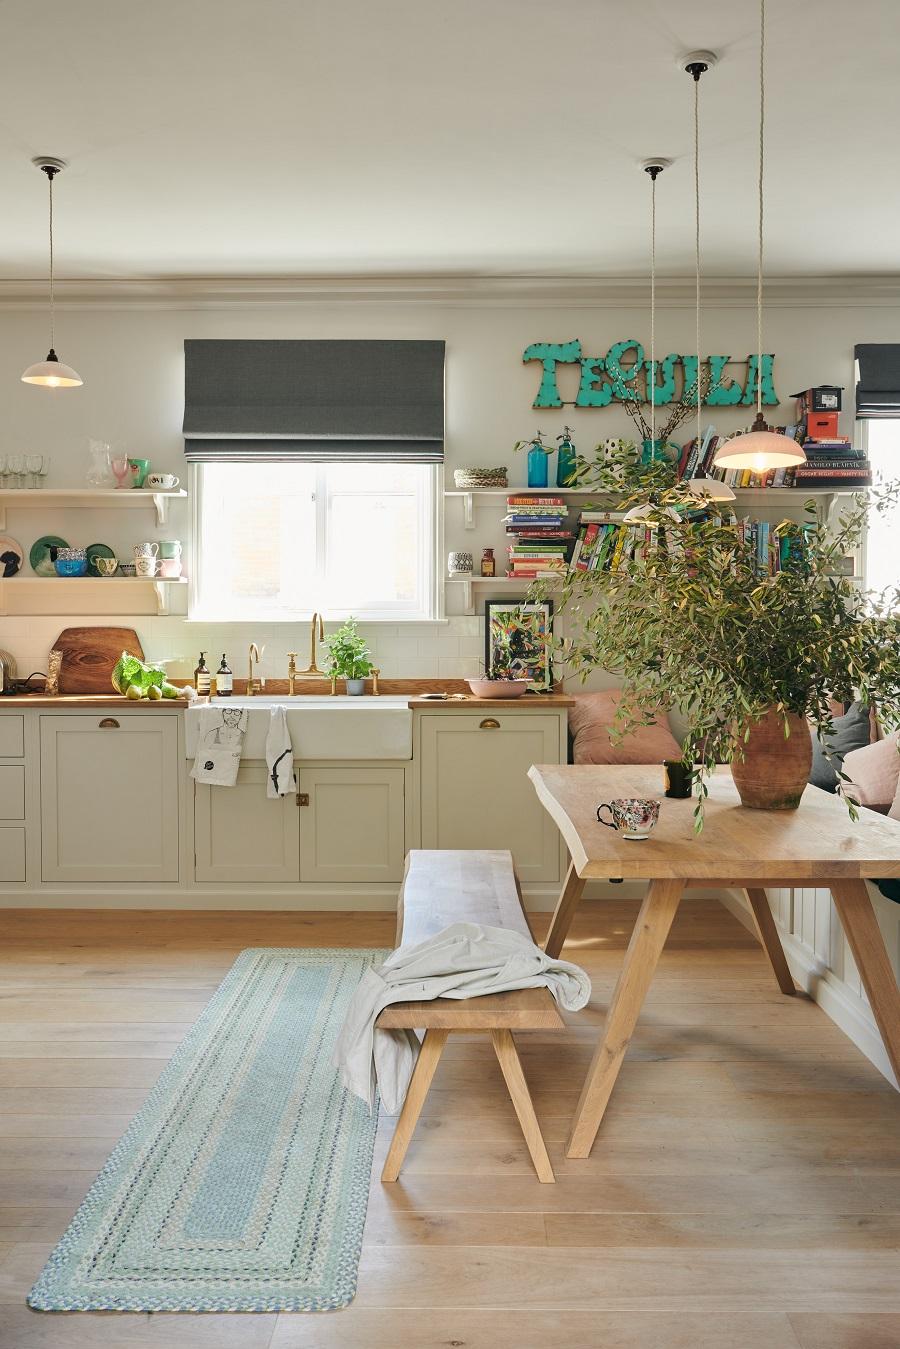 Zoe Ball's Beautiful New Kitchen